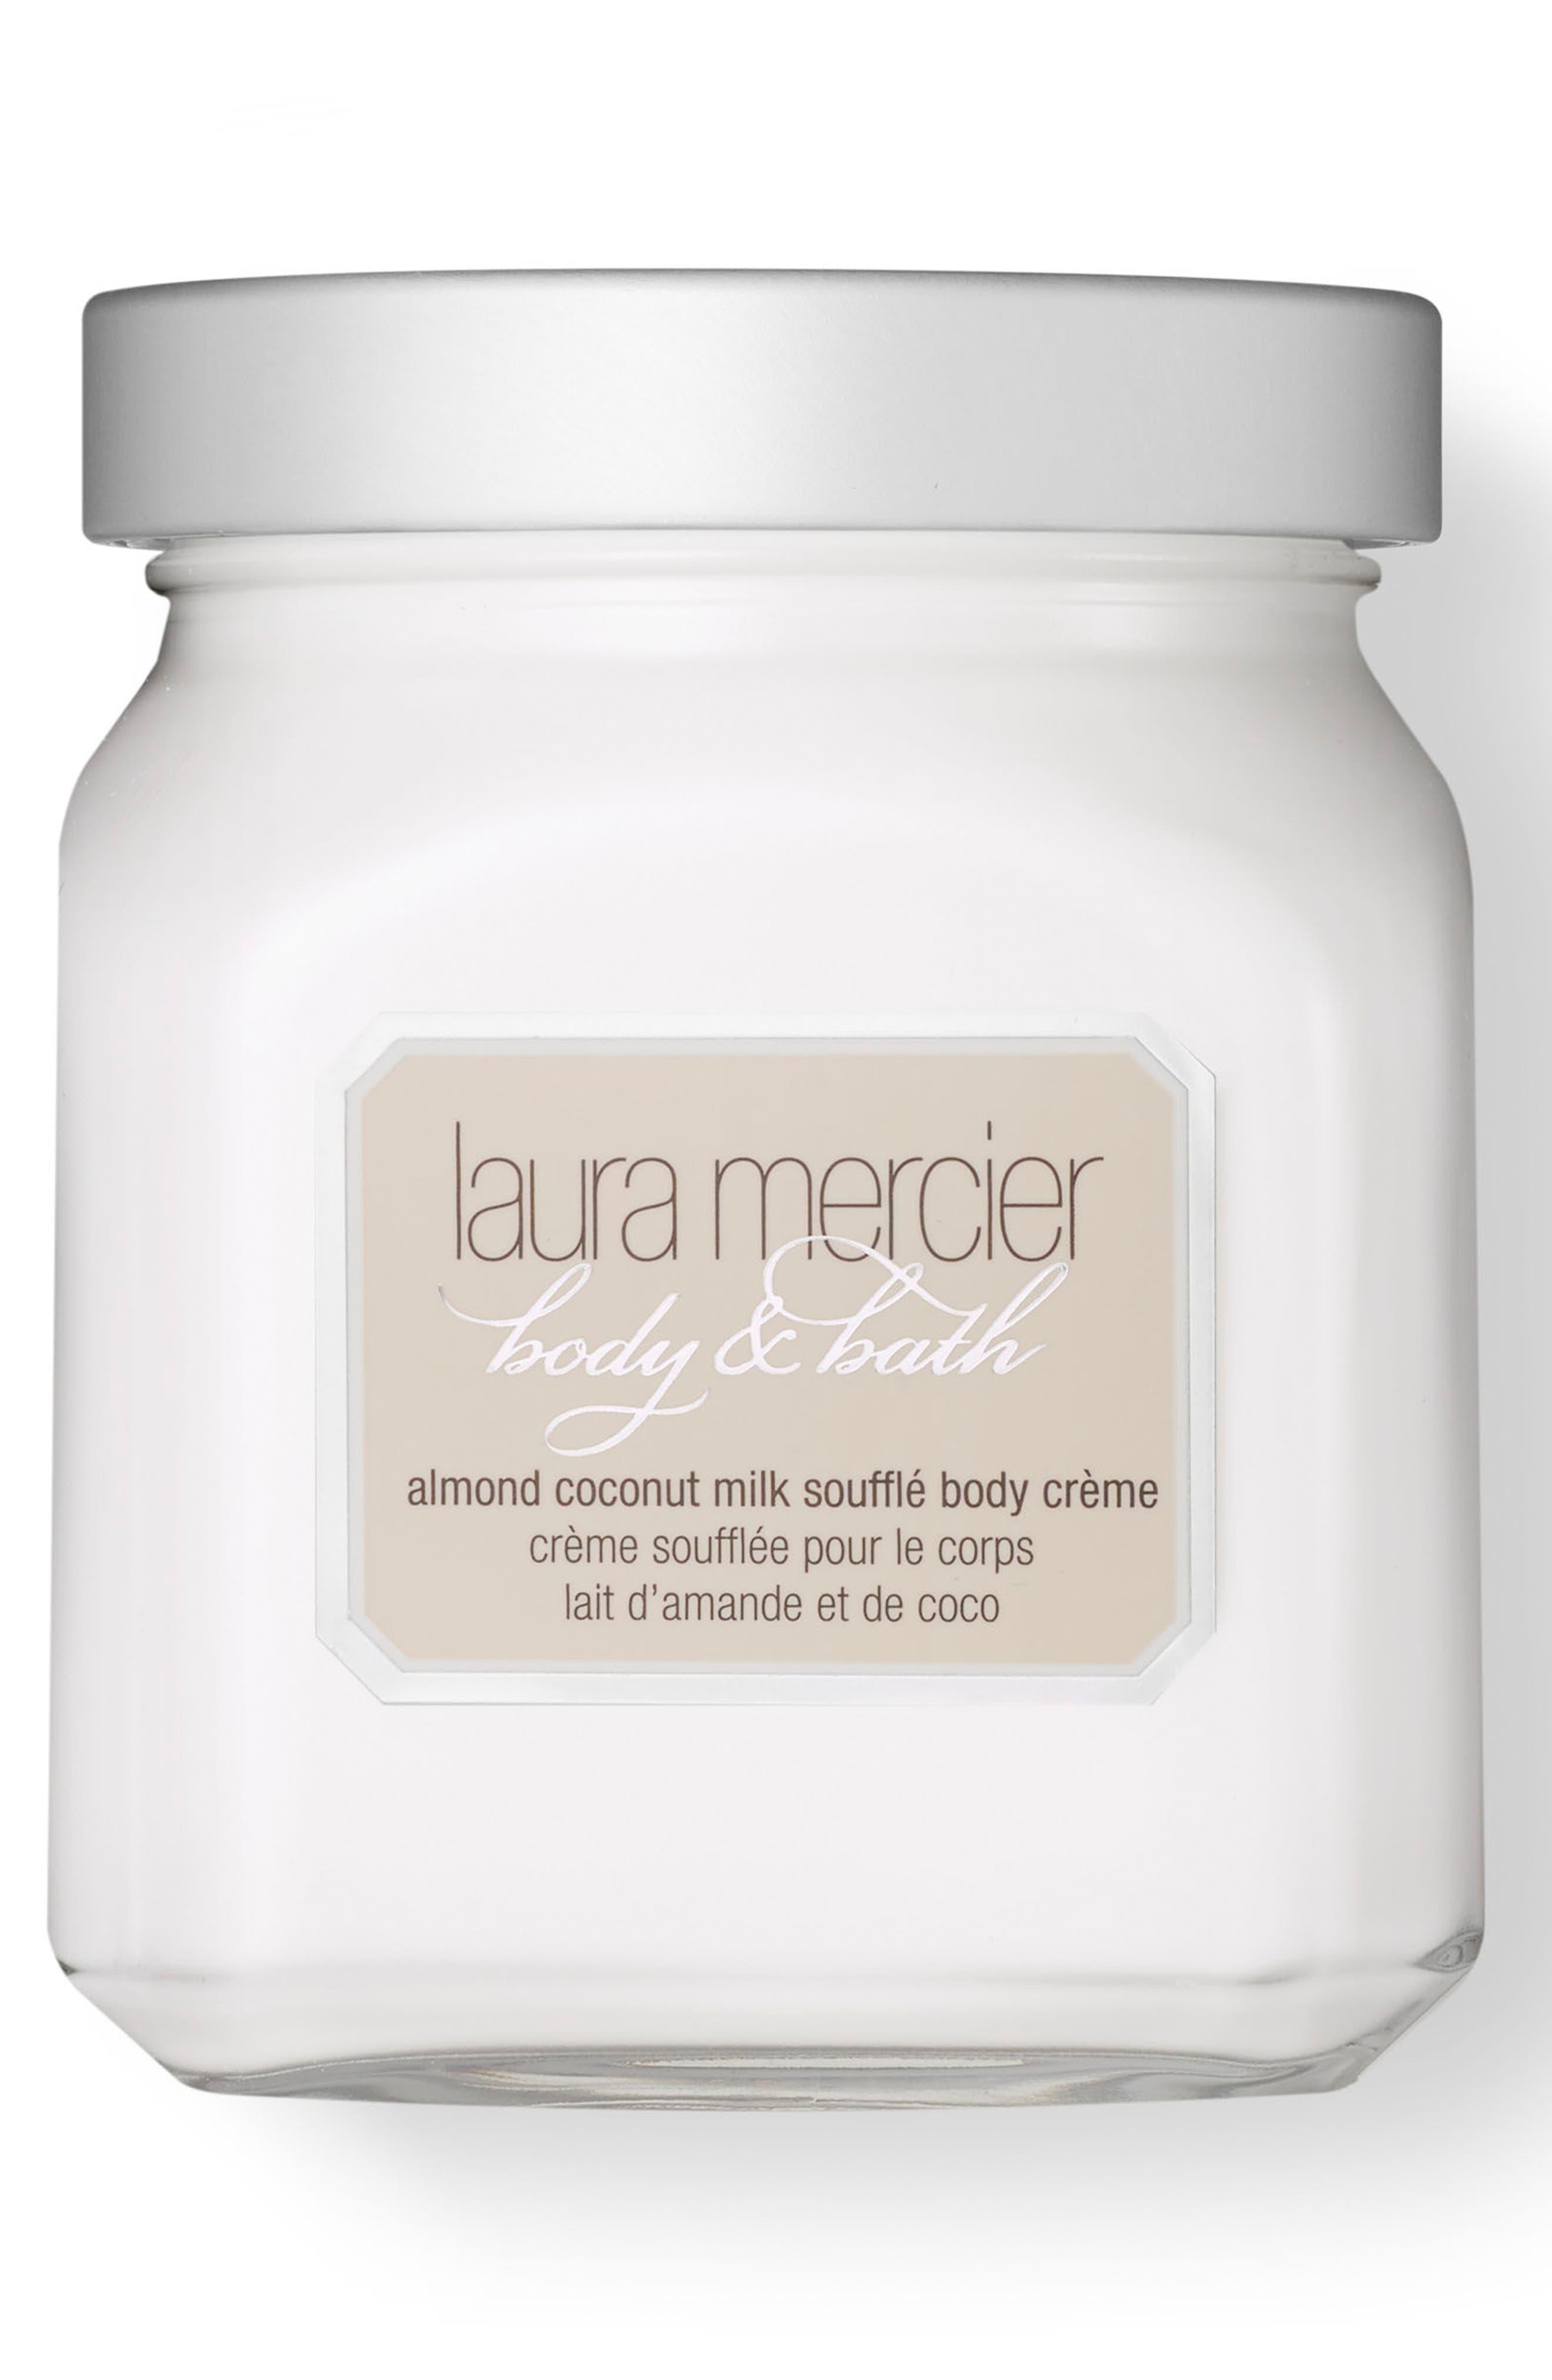 'Almond Coconut Milk' Soufflé Body Crème,                         Main,                         color, 000